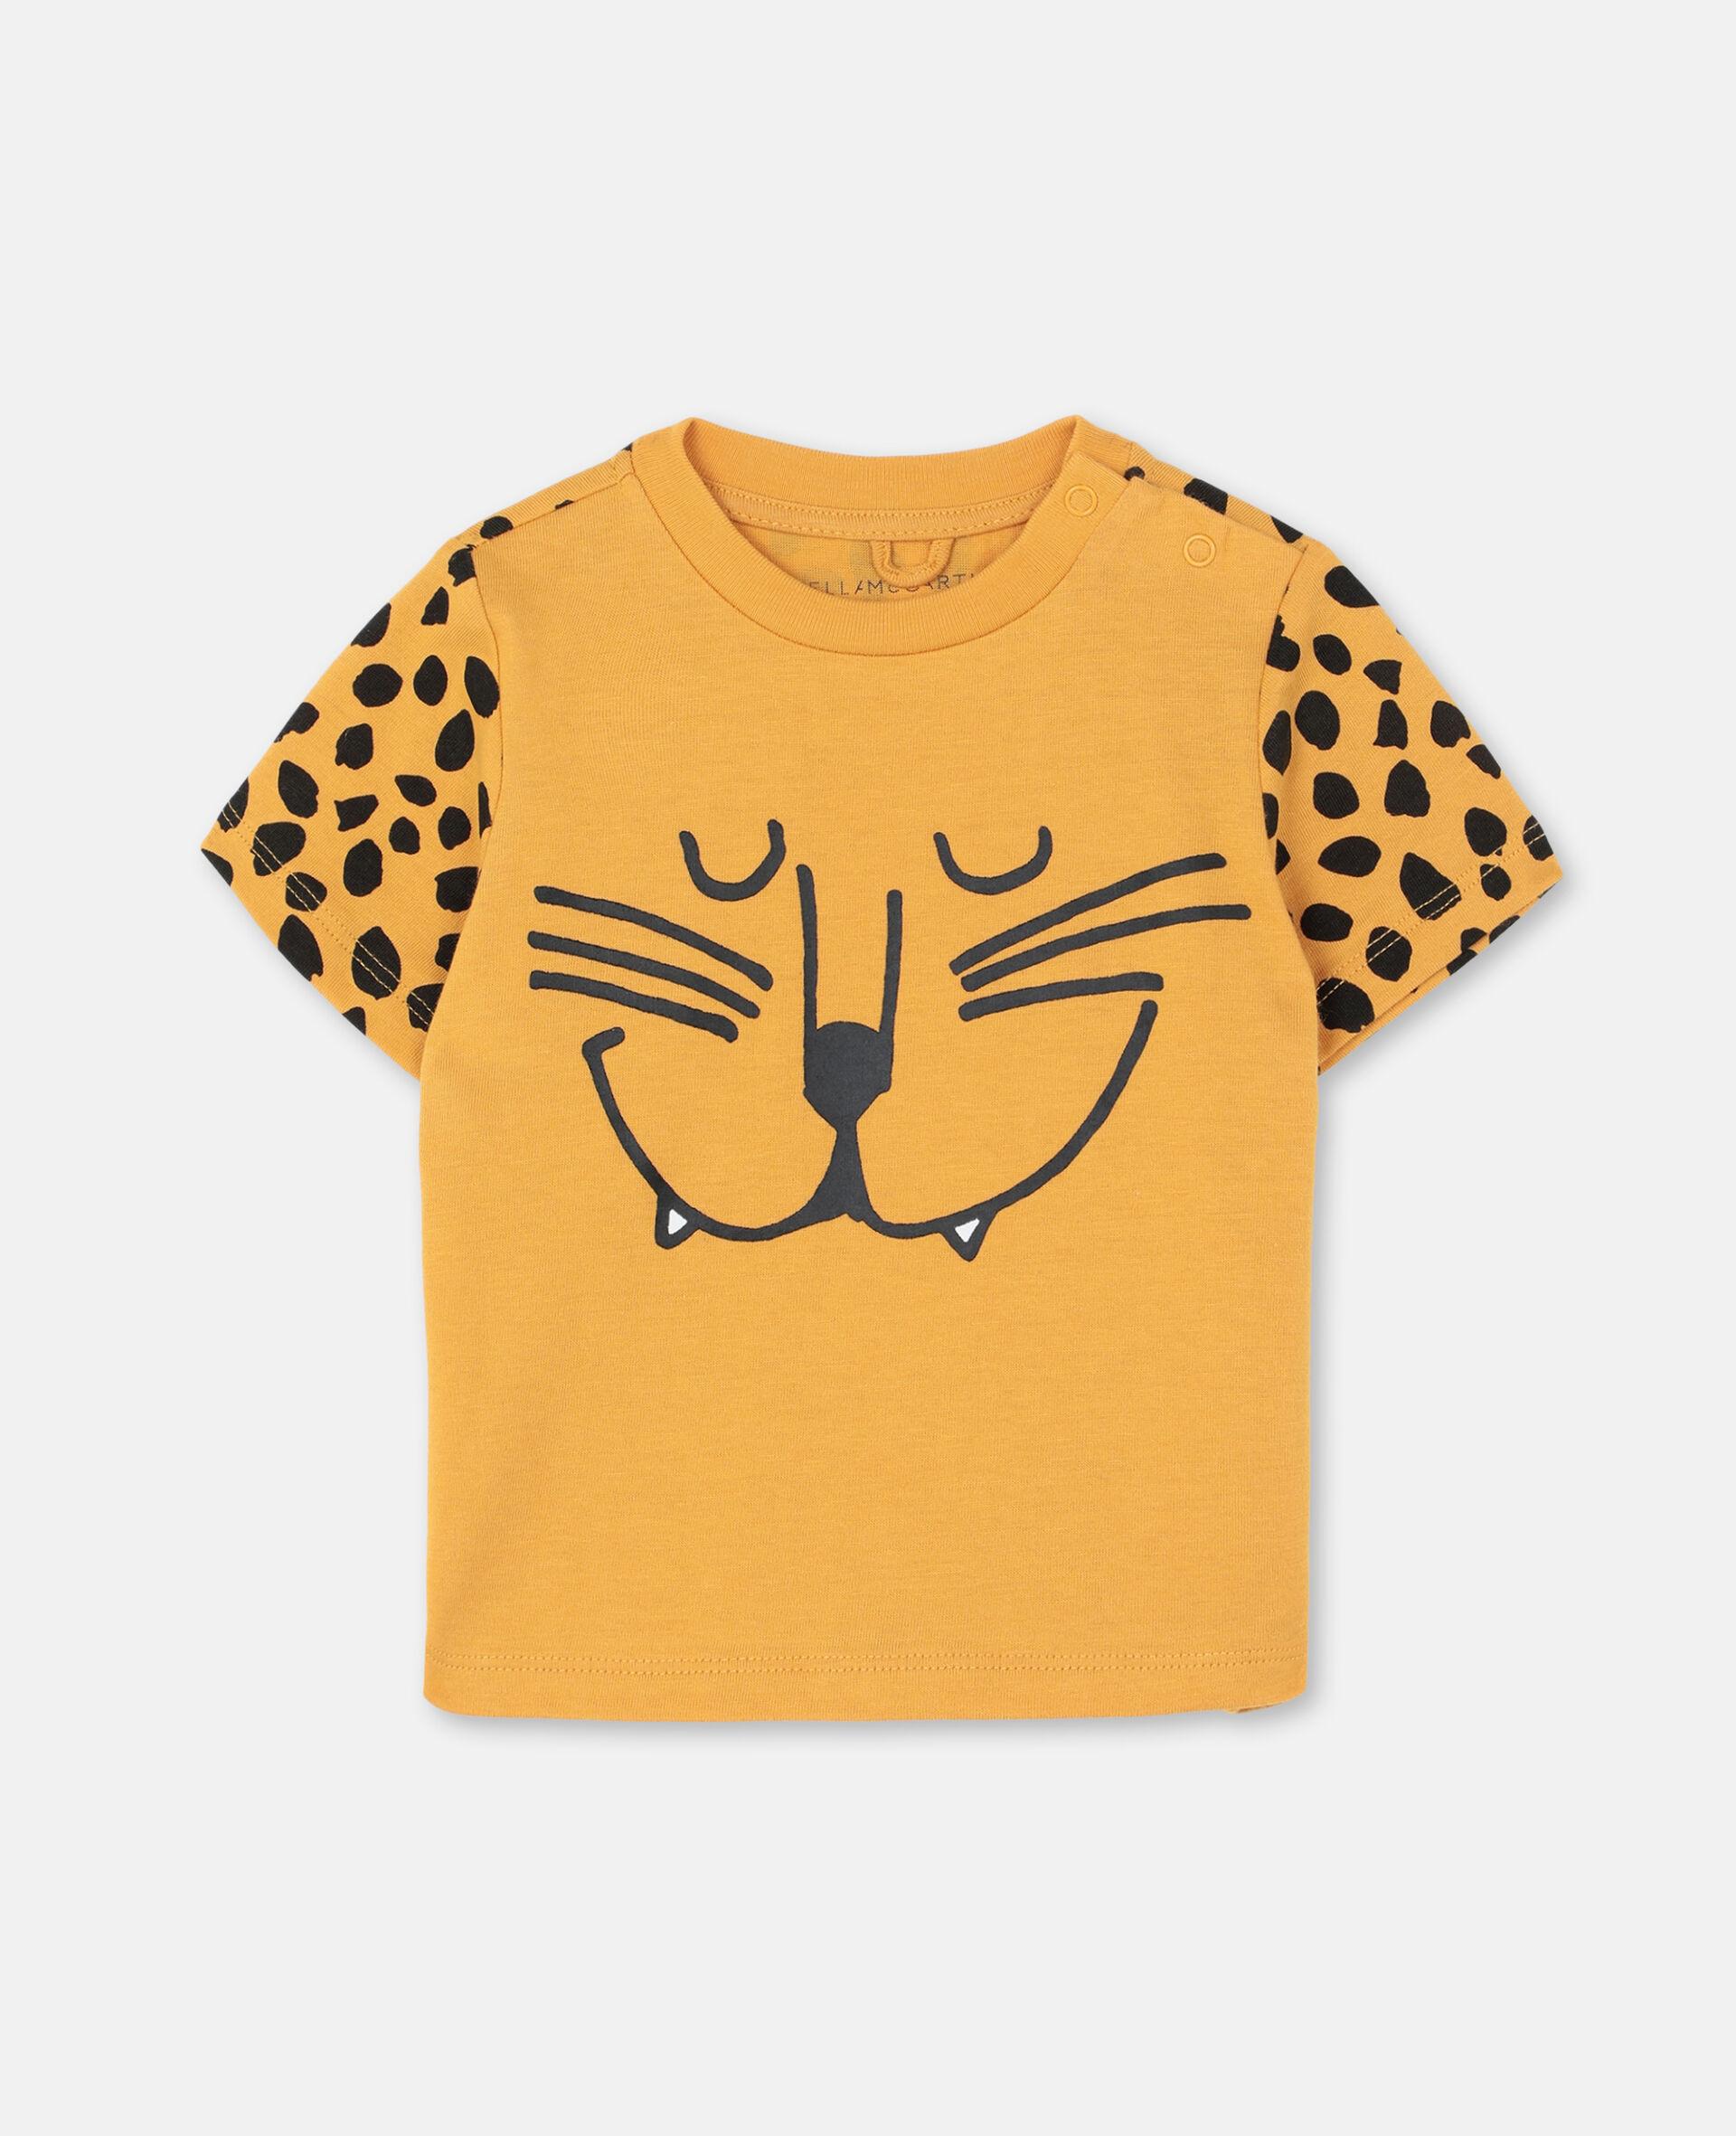 チーター コットン Tシャツ -オレンジ-large image number 0